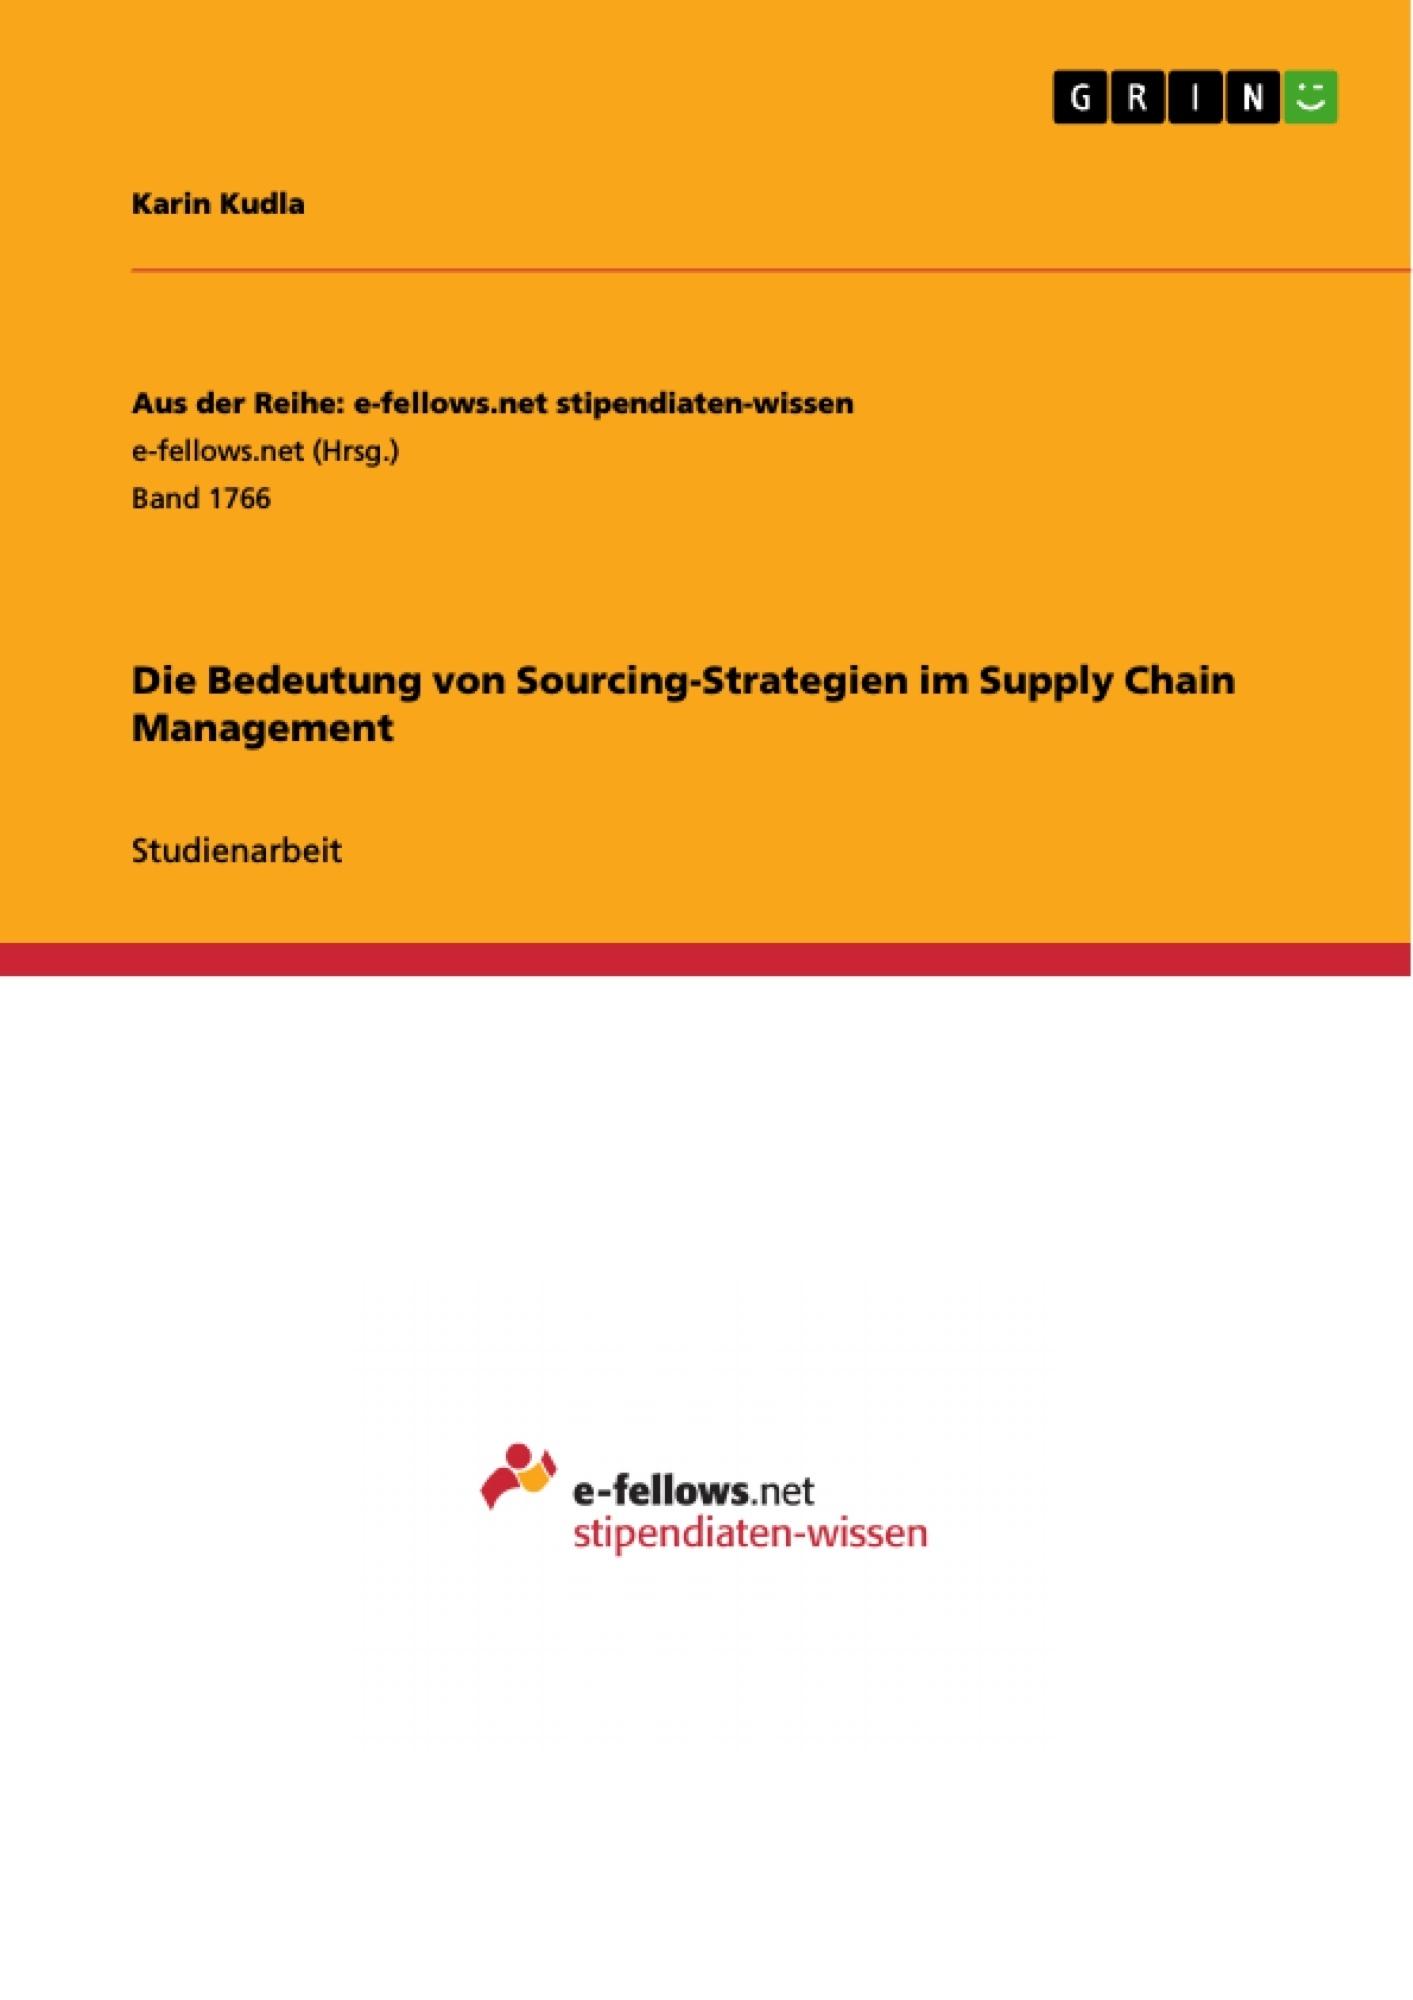 Titel: Die Bedeutung von Sourcing-Strategien im Supply Chain Management